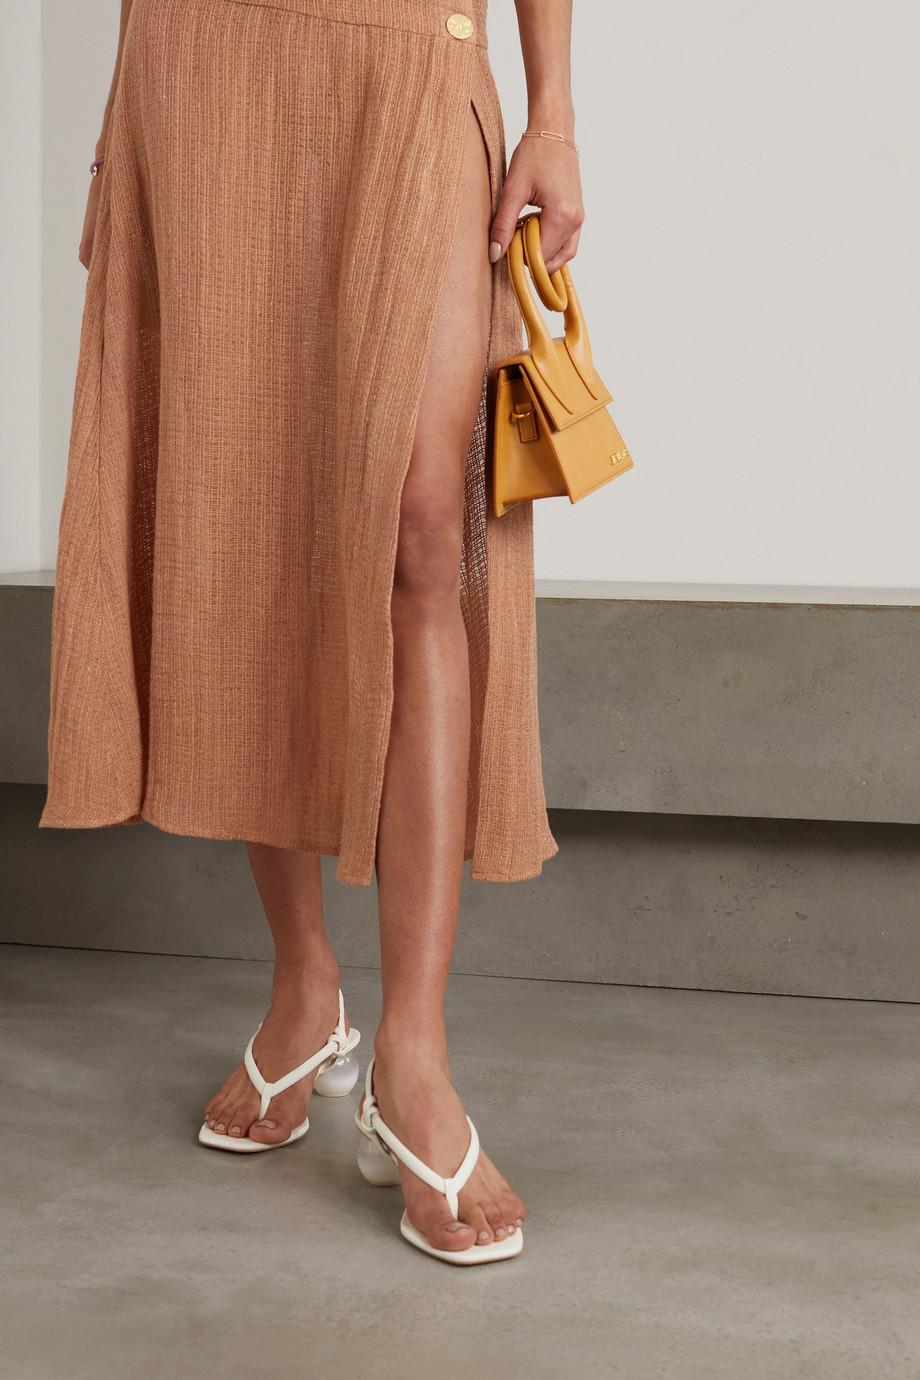 Cult Gaia Aviva Slingback-Sandalen aus Leder mit Schlangeneffekt